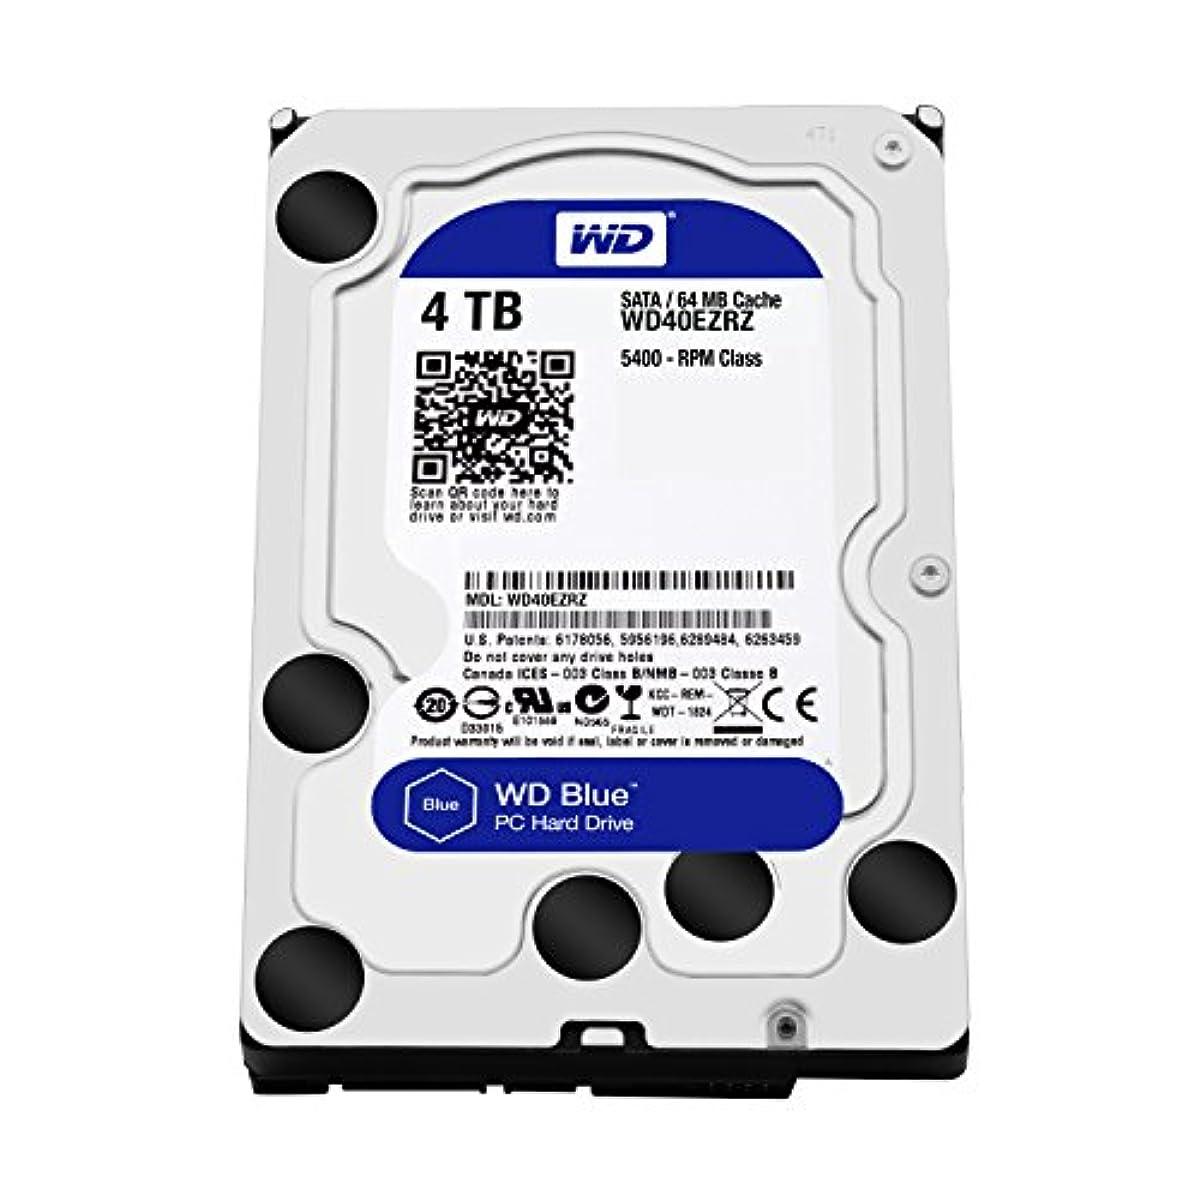 """[해외] WD 내장HDD BLUE 3.5"""" 4TB SATA6GB/S 64MB 5,400RPM 2년 보증 WD40EZRZ-RT2"""